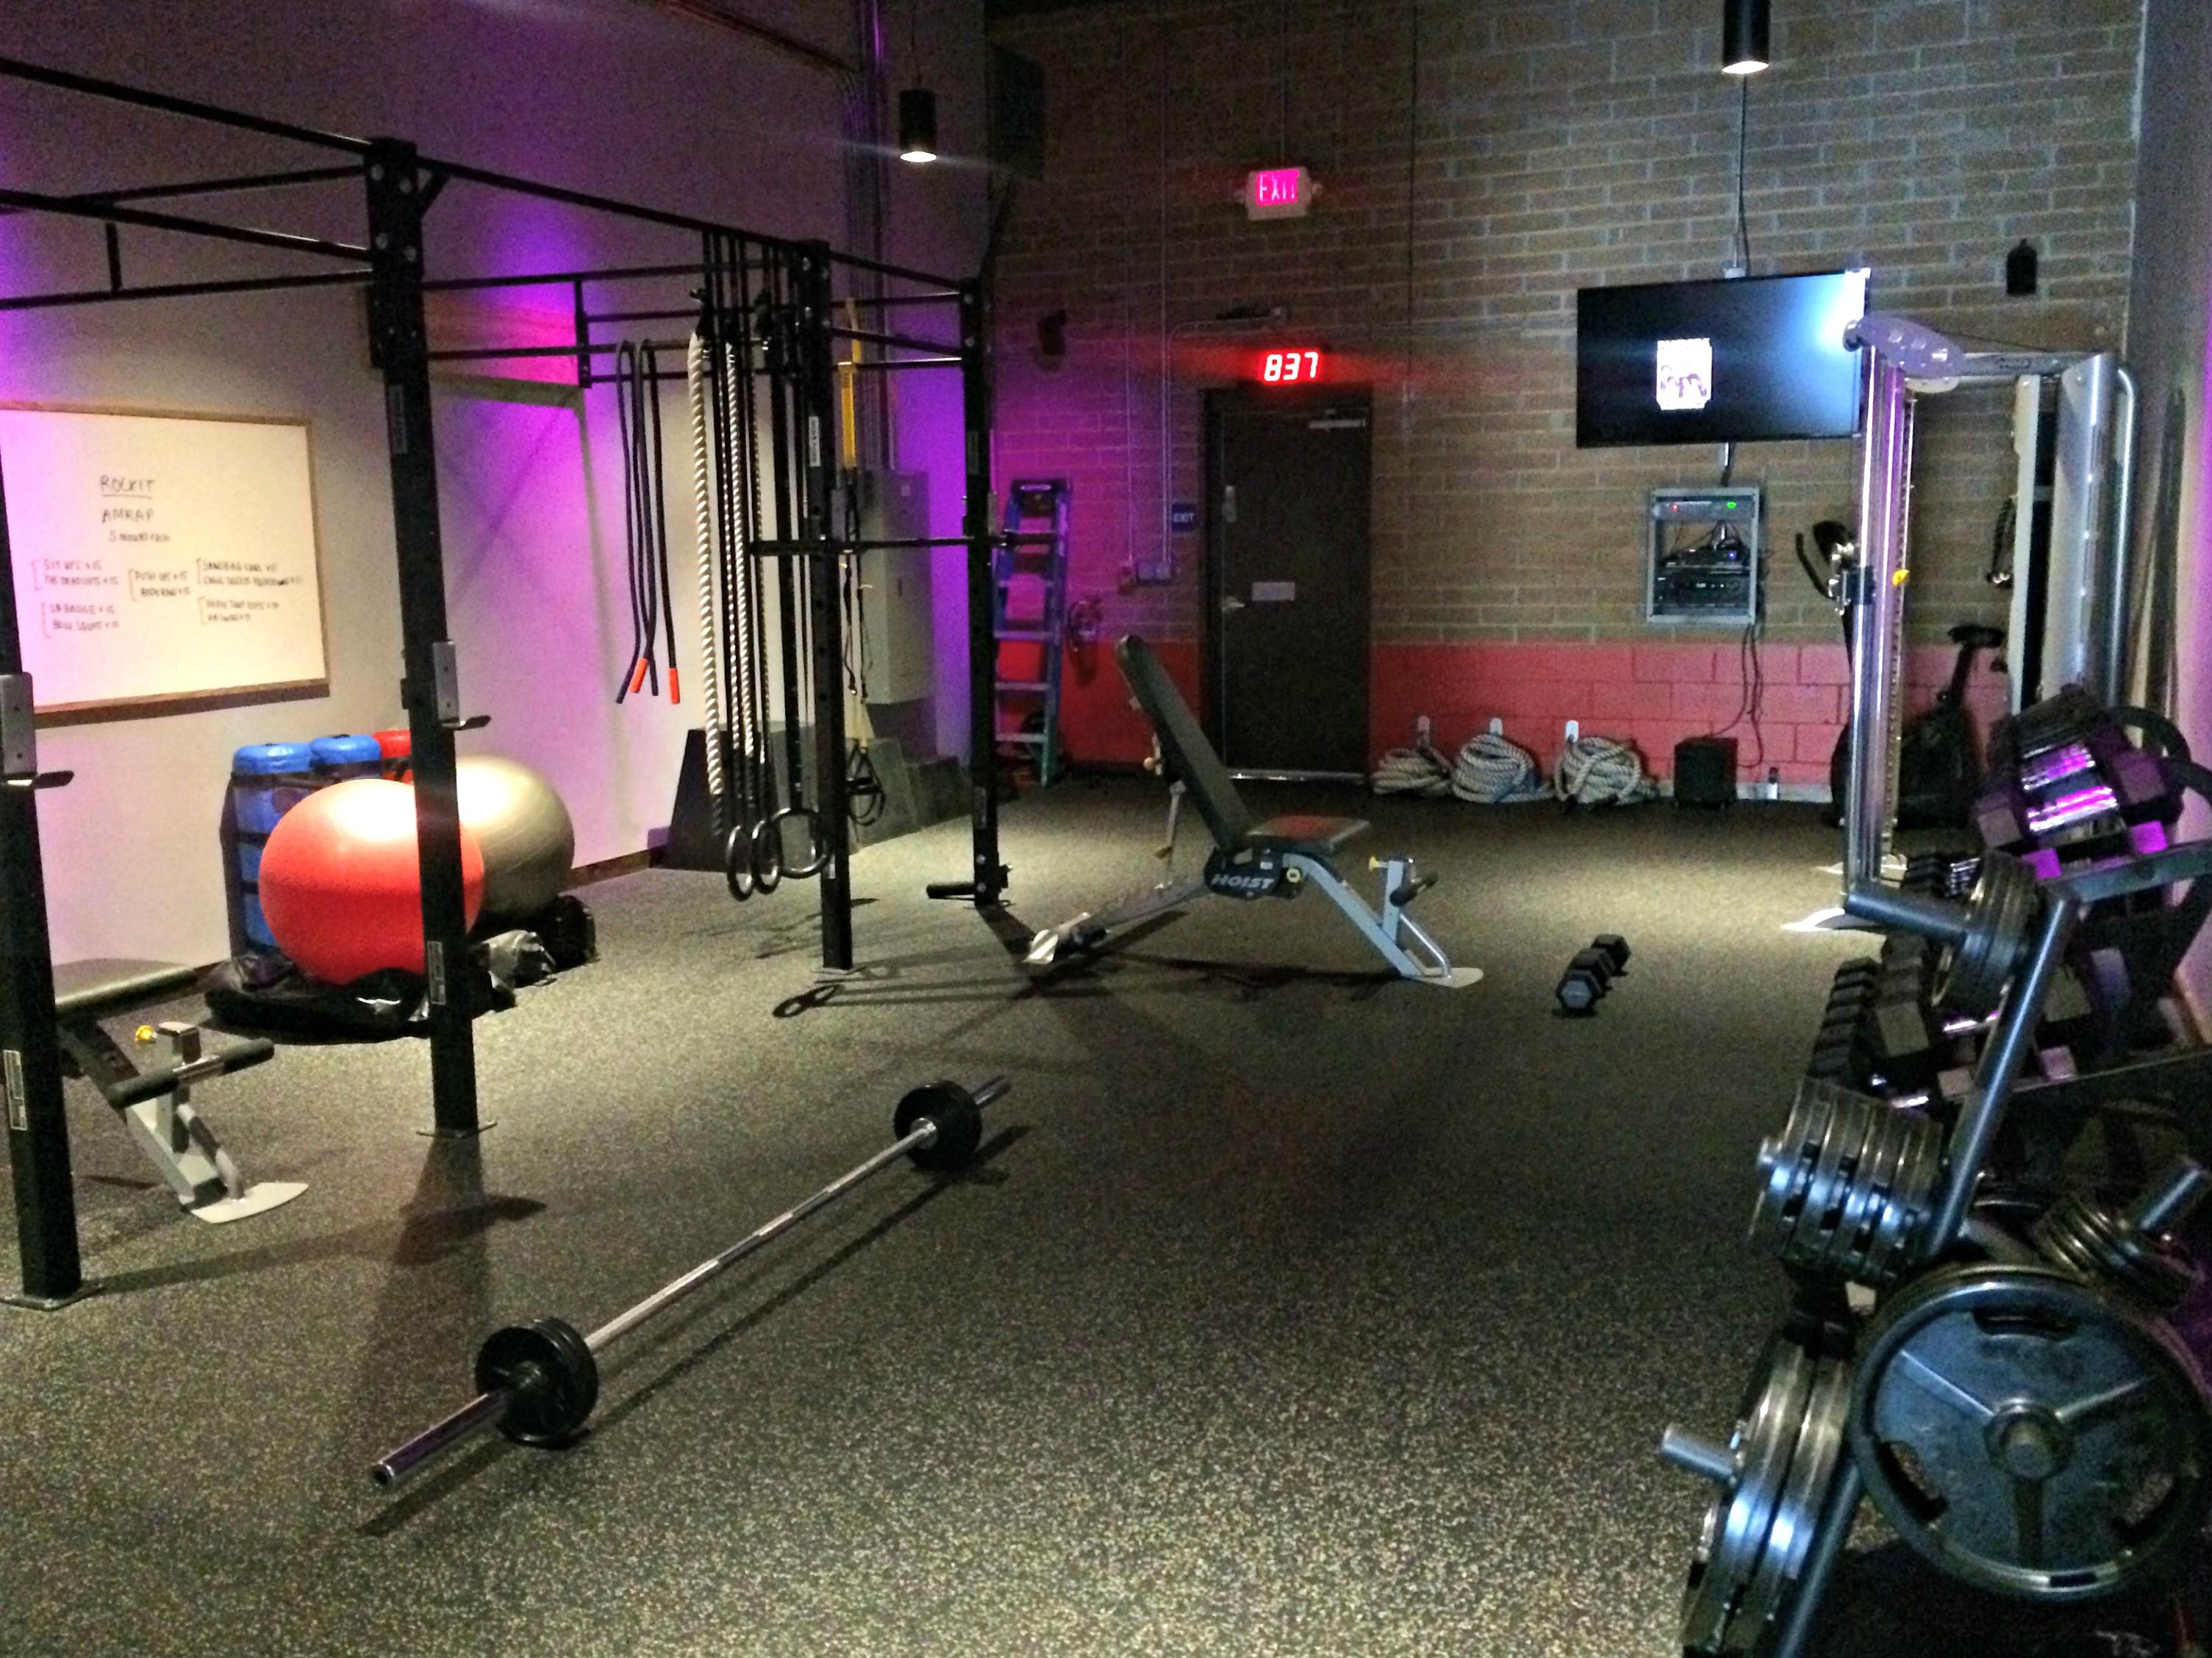 saturday morning at the gym